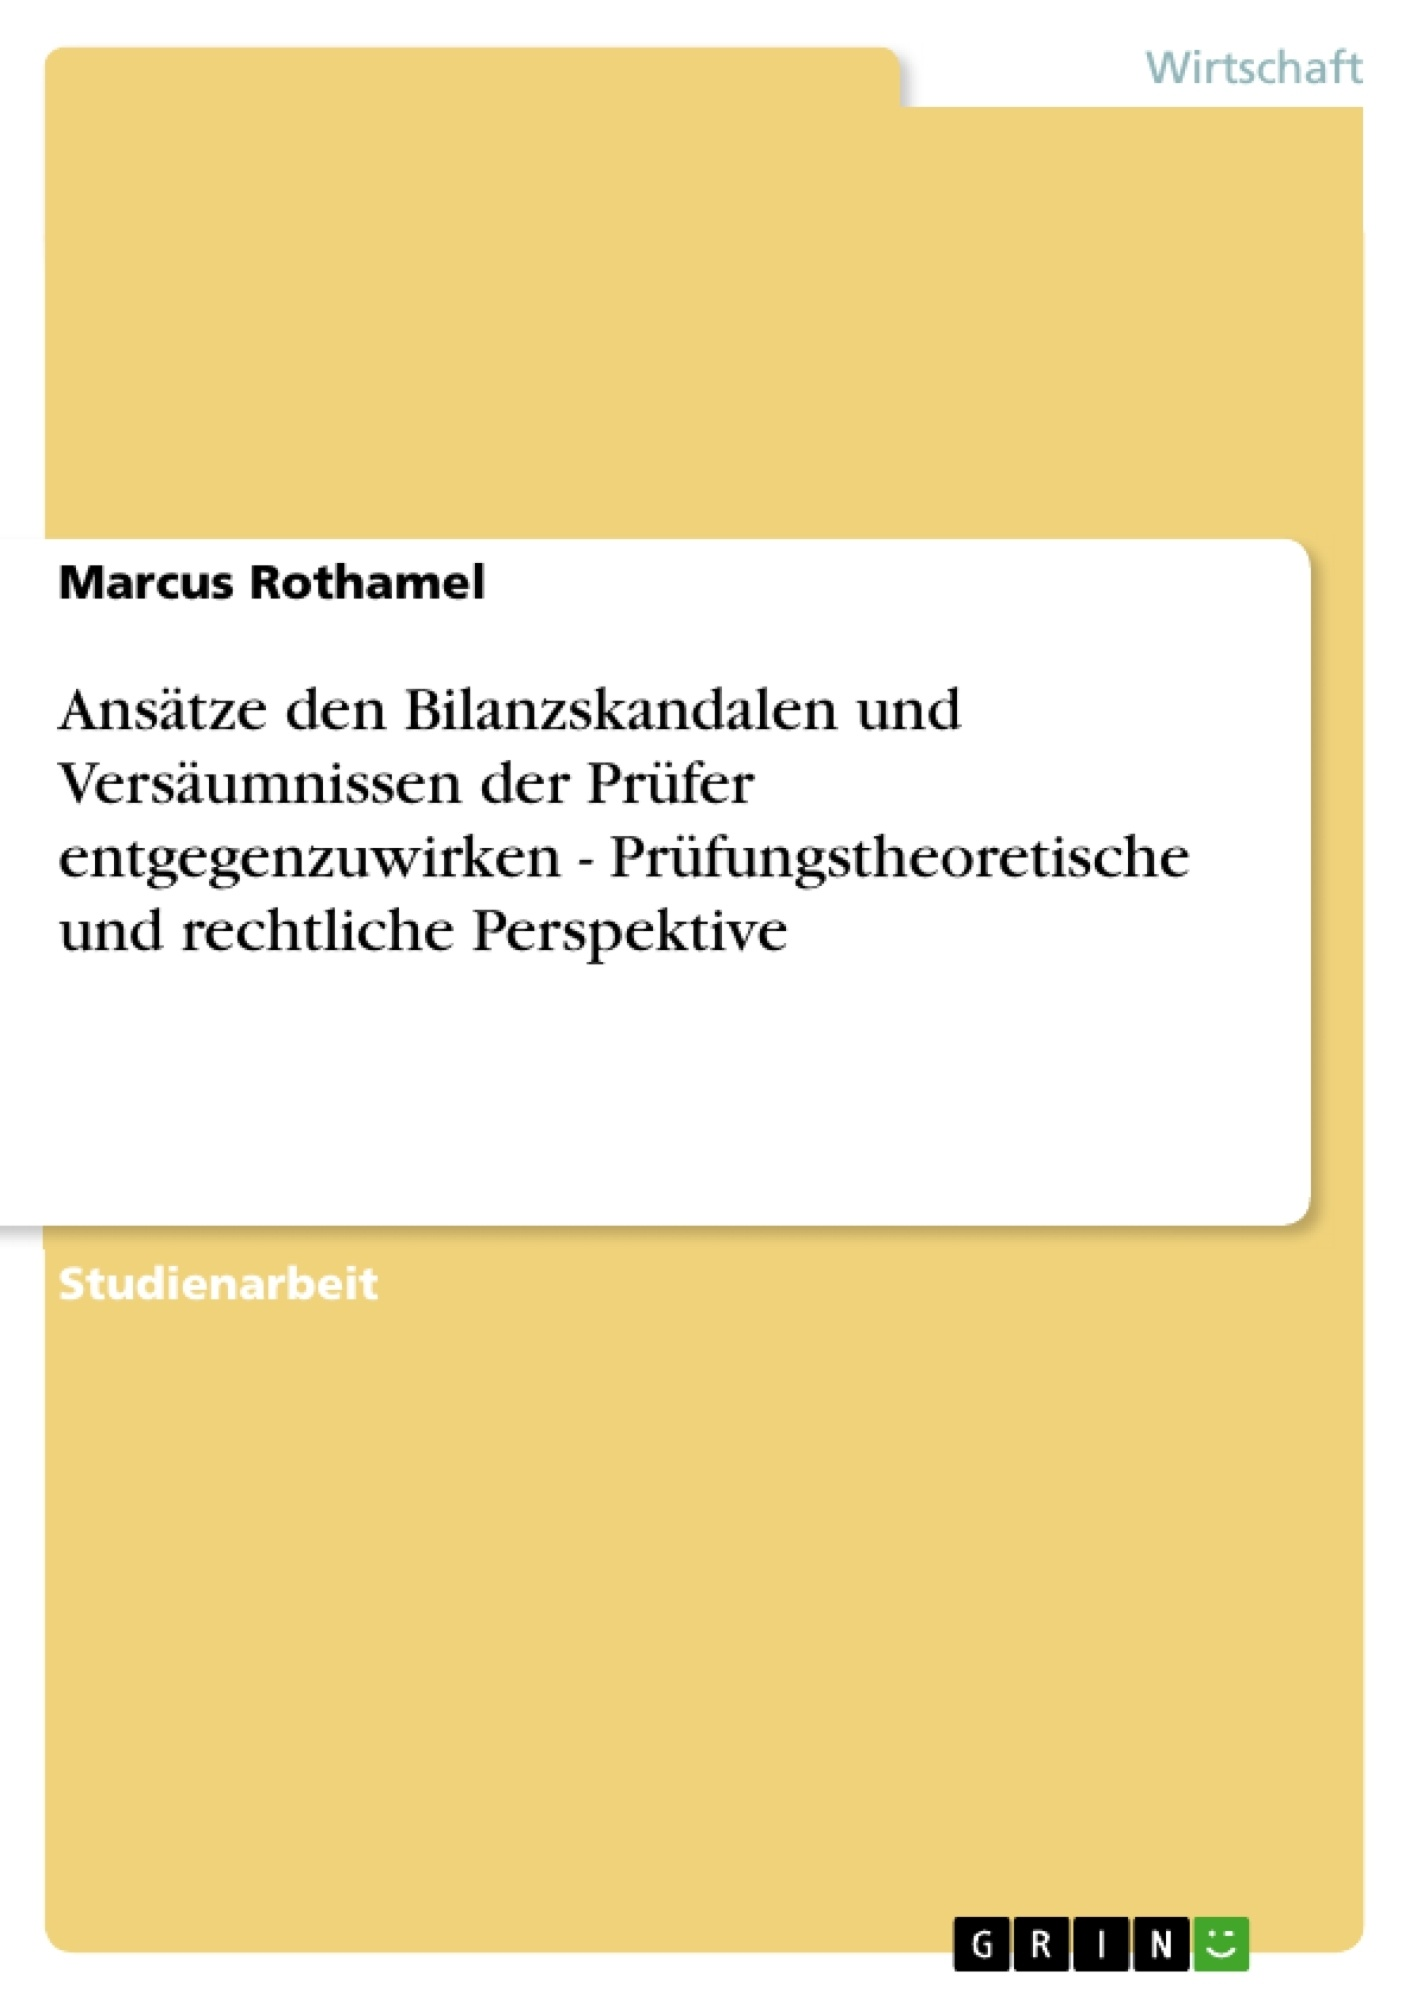 Titel: Ansätze den Bilanzskandalen und Versäumnissen der Prüfer entgegenzuwirken - Prüfungstheoretische und rechtliche Perspektive